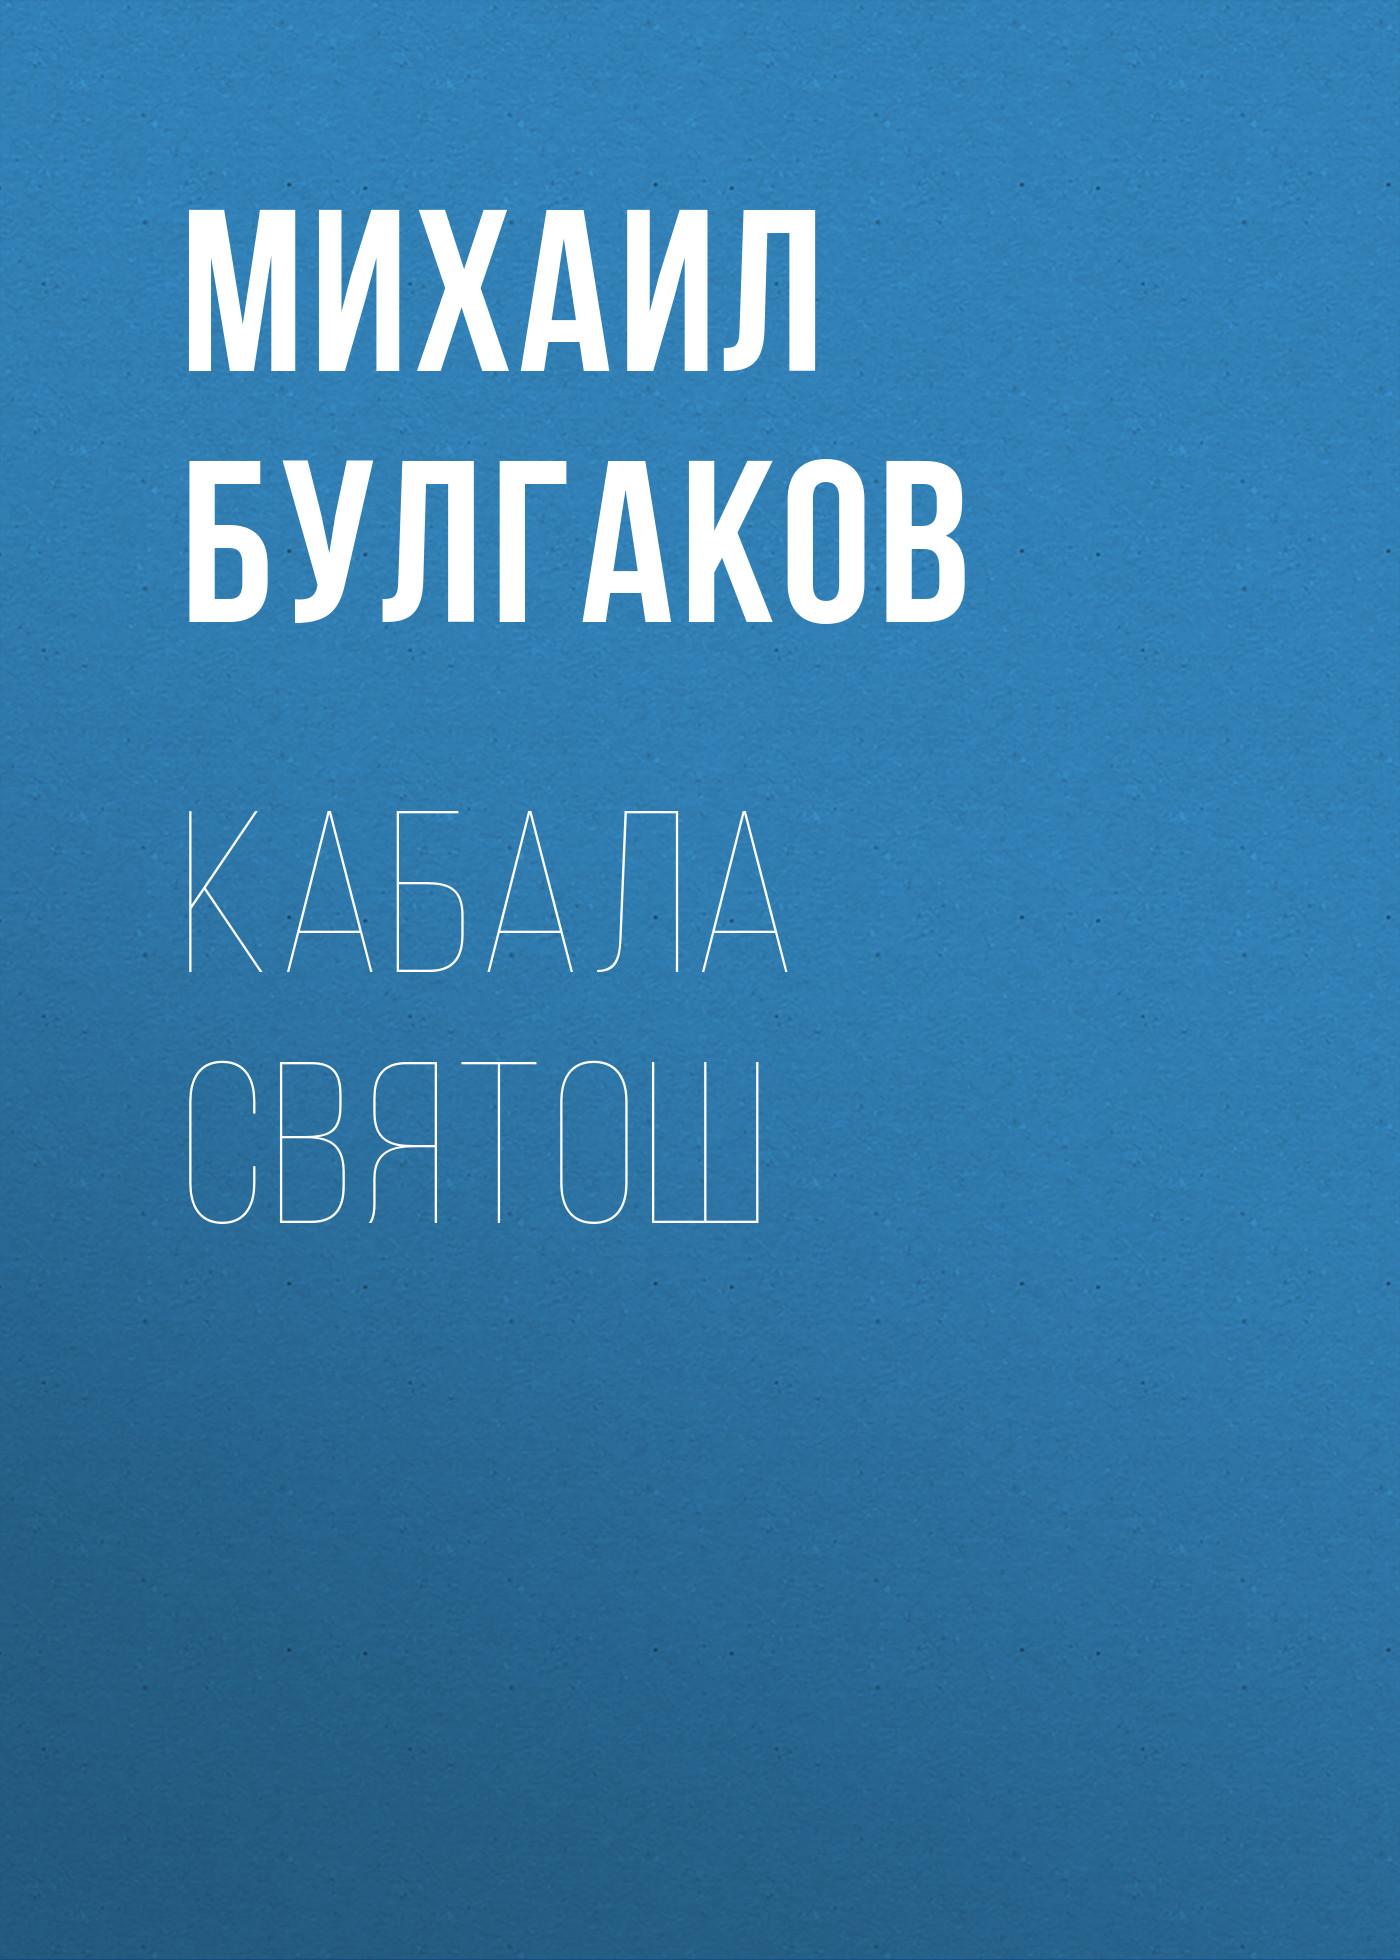 купить Михаил Булгаков Кабала святош по цене 59 рублей